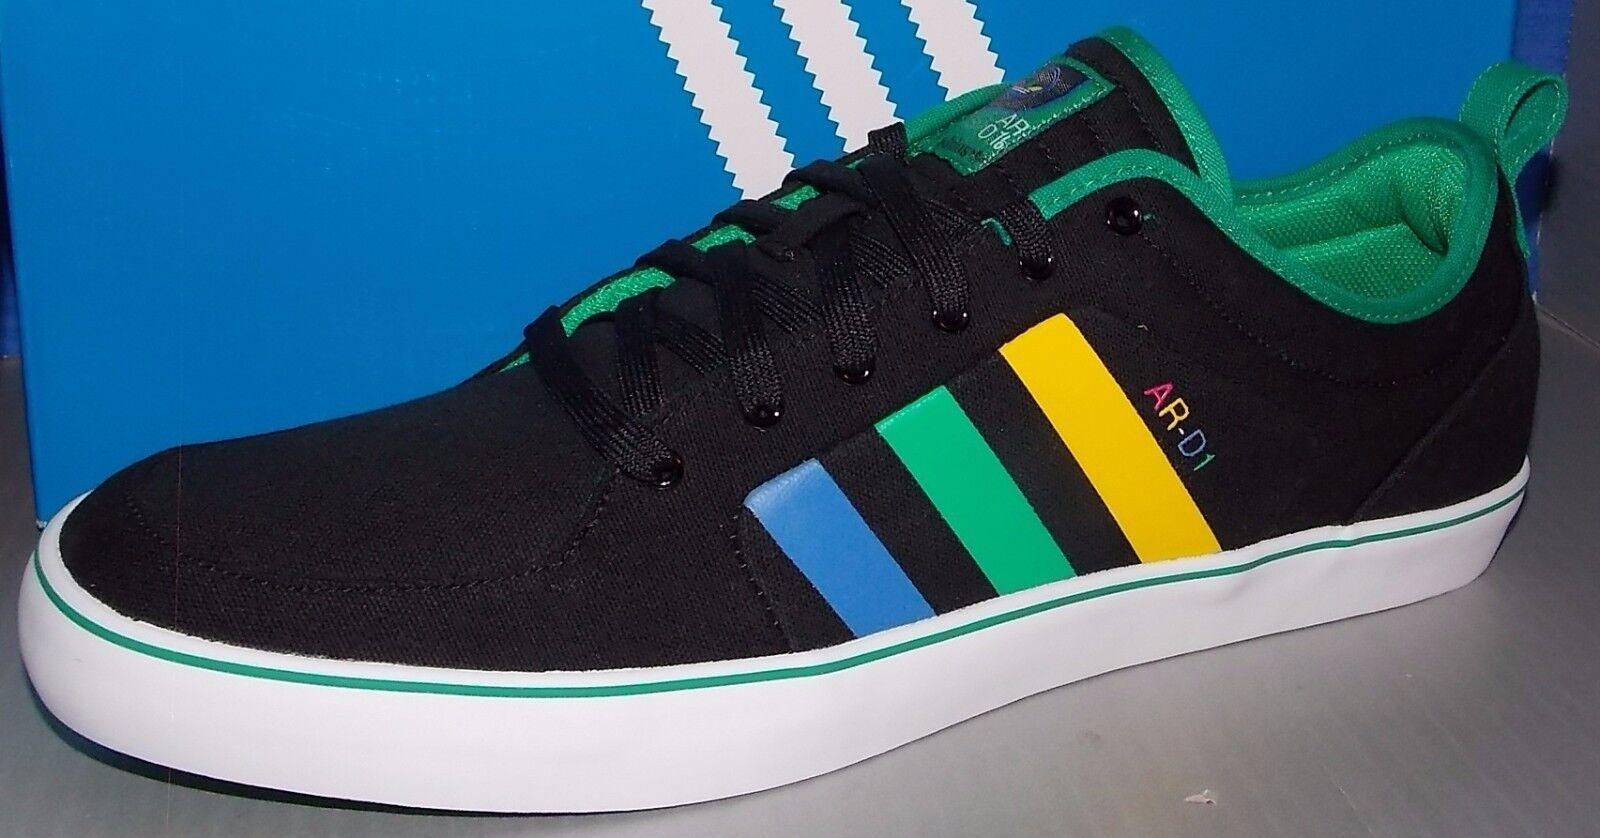 Hombre colores Adidas ARD1 baja en colores Hombre negro / blanco Corriendo / Corriendo Blanco Tamaño 10 9db131